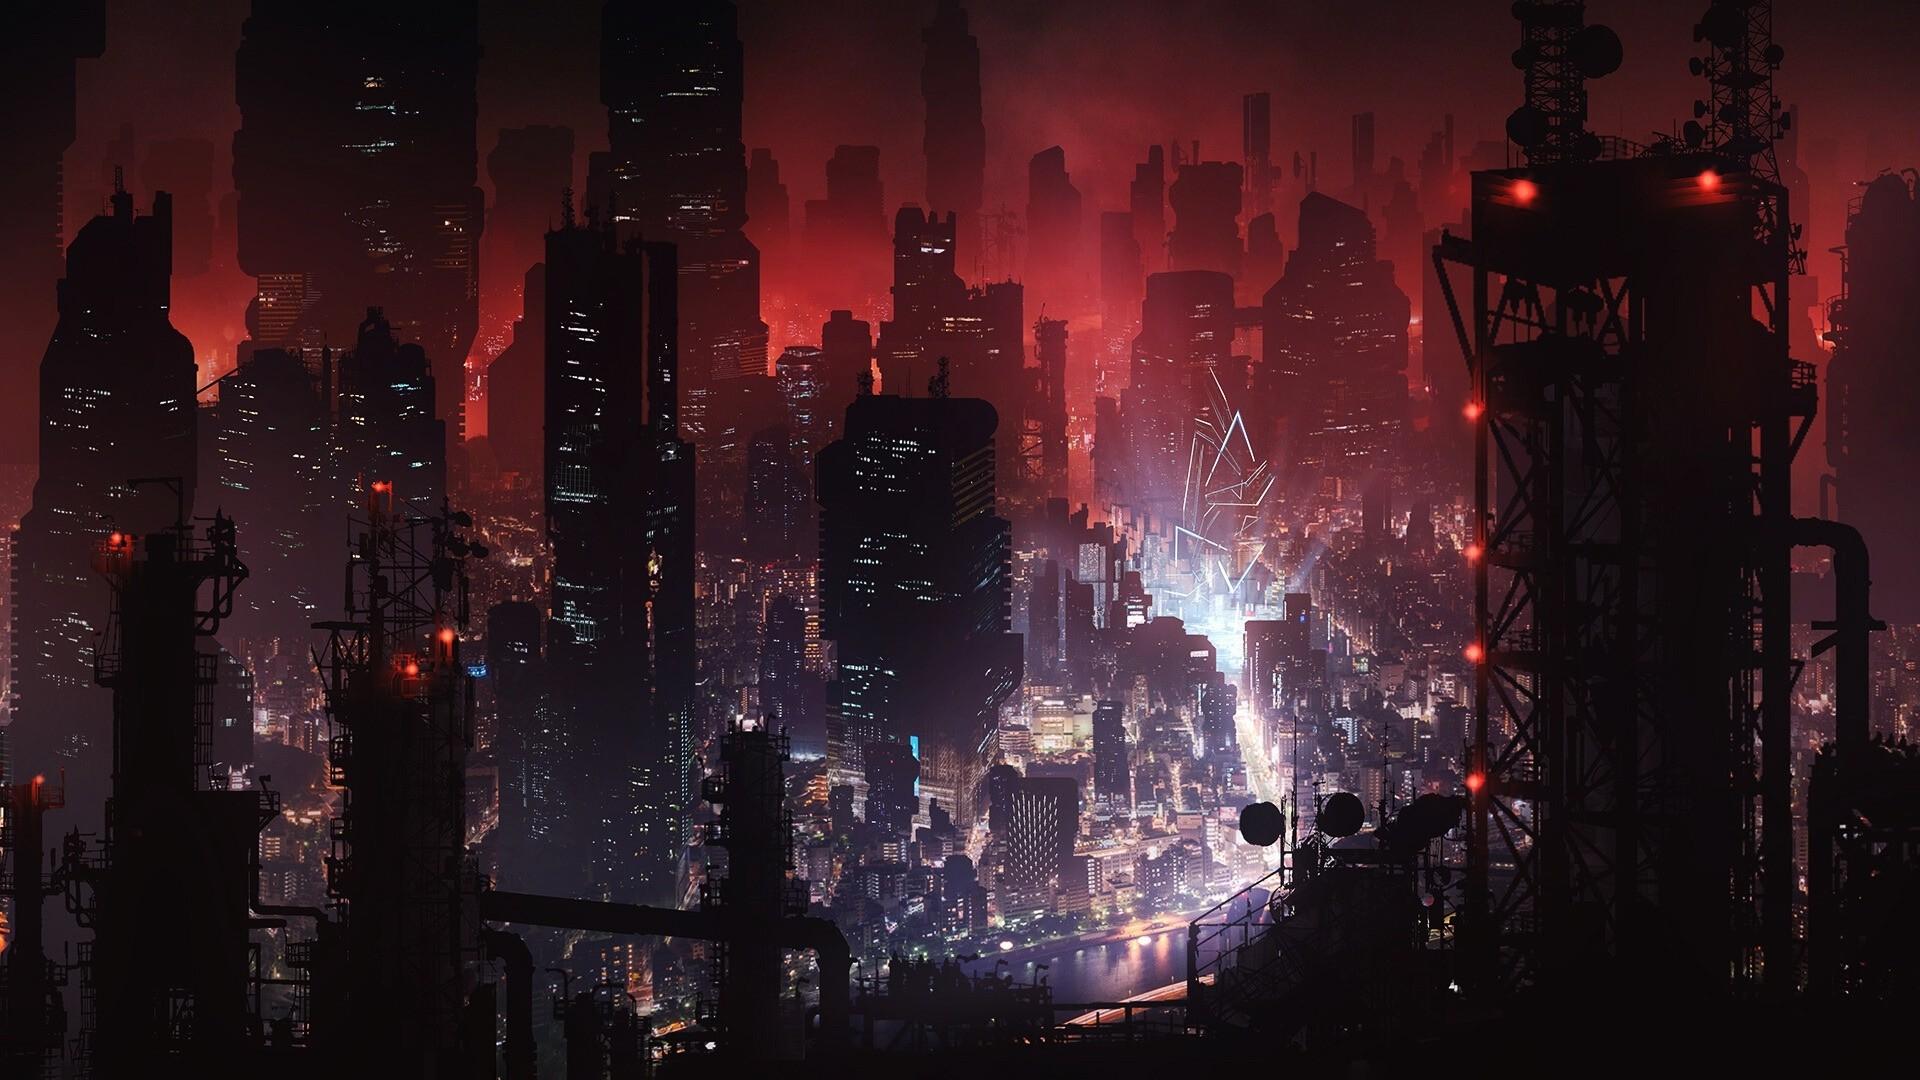 Cyberpunk City Art desktop wallpaper hd